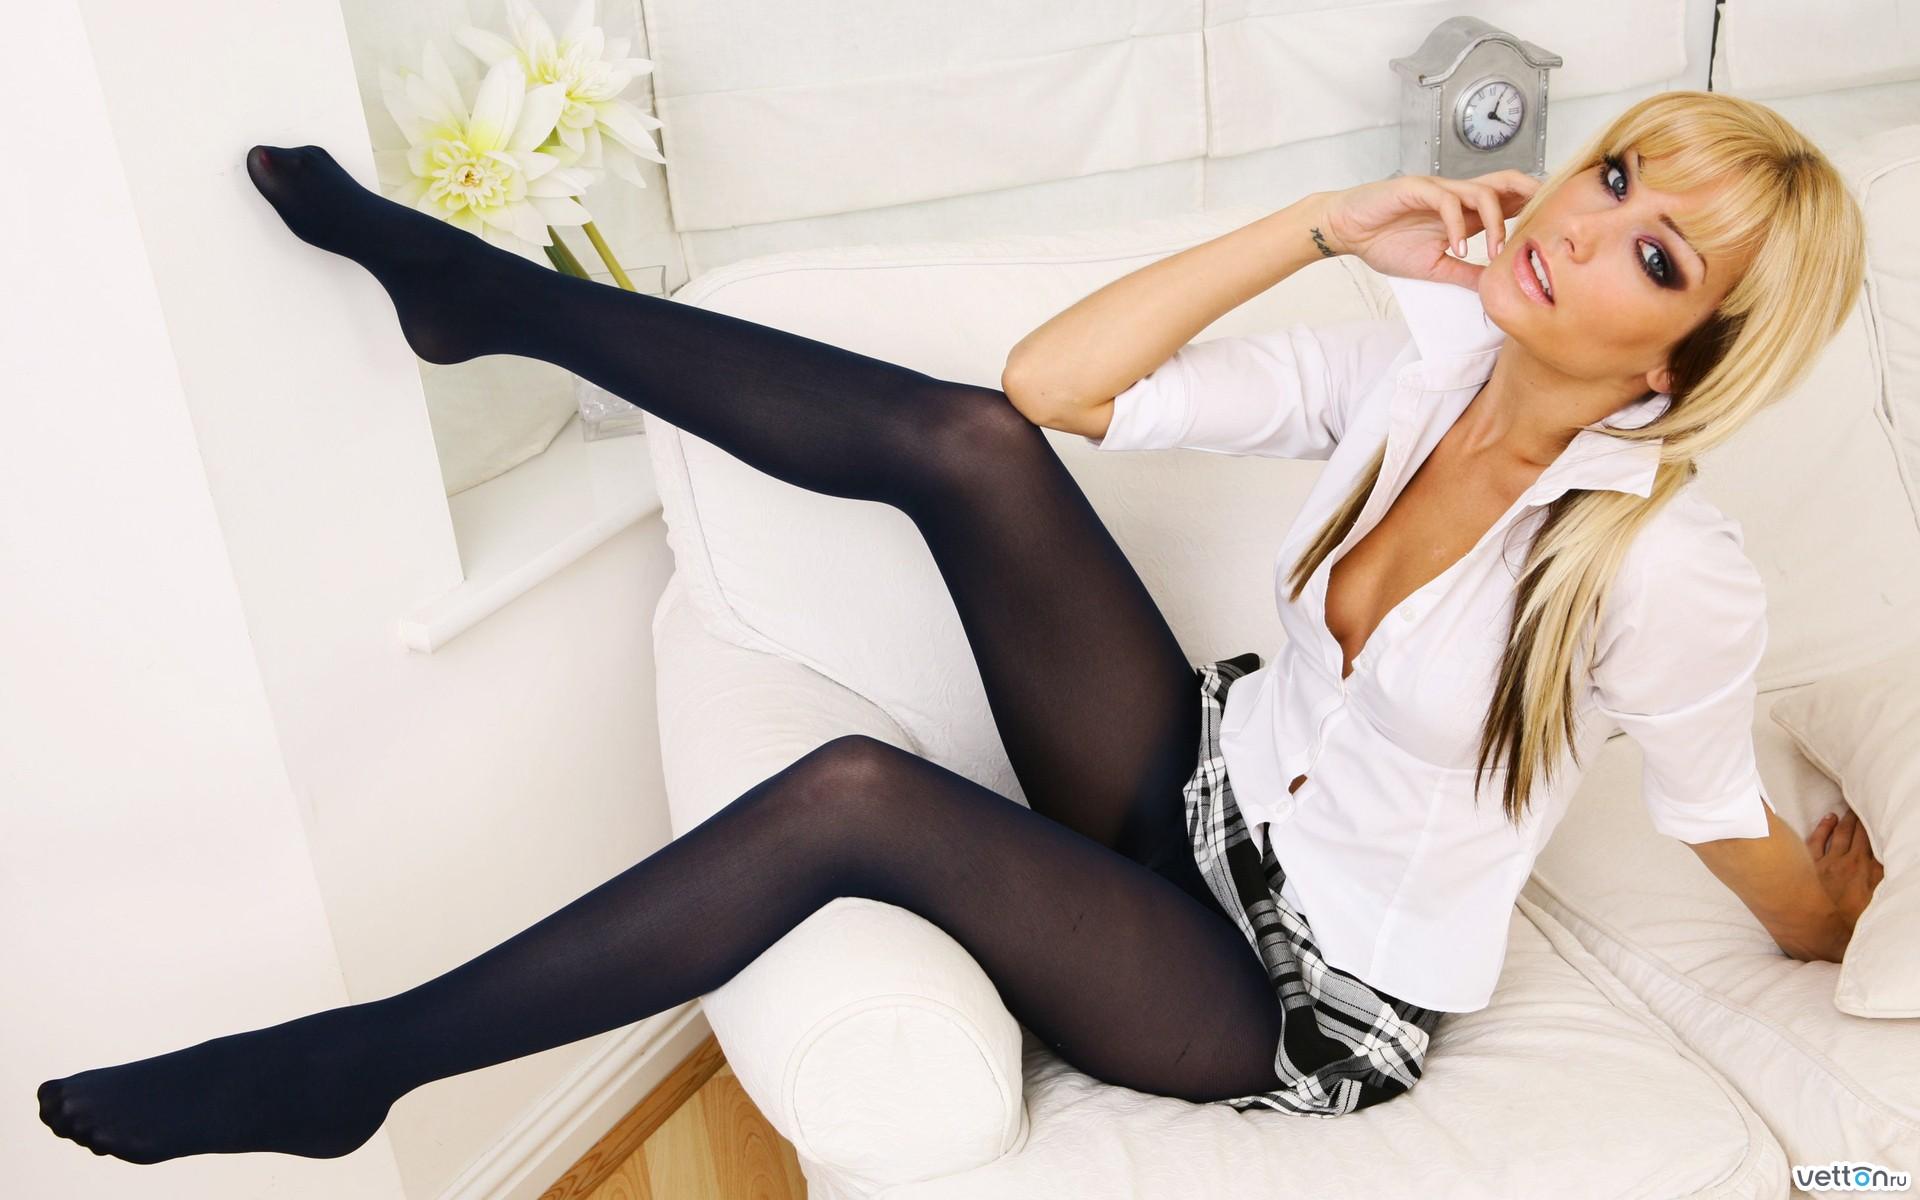 Смотреть порно онлайн девочки в белых носочках 13 фотография